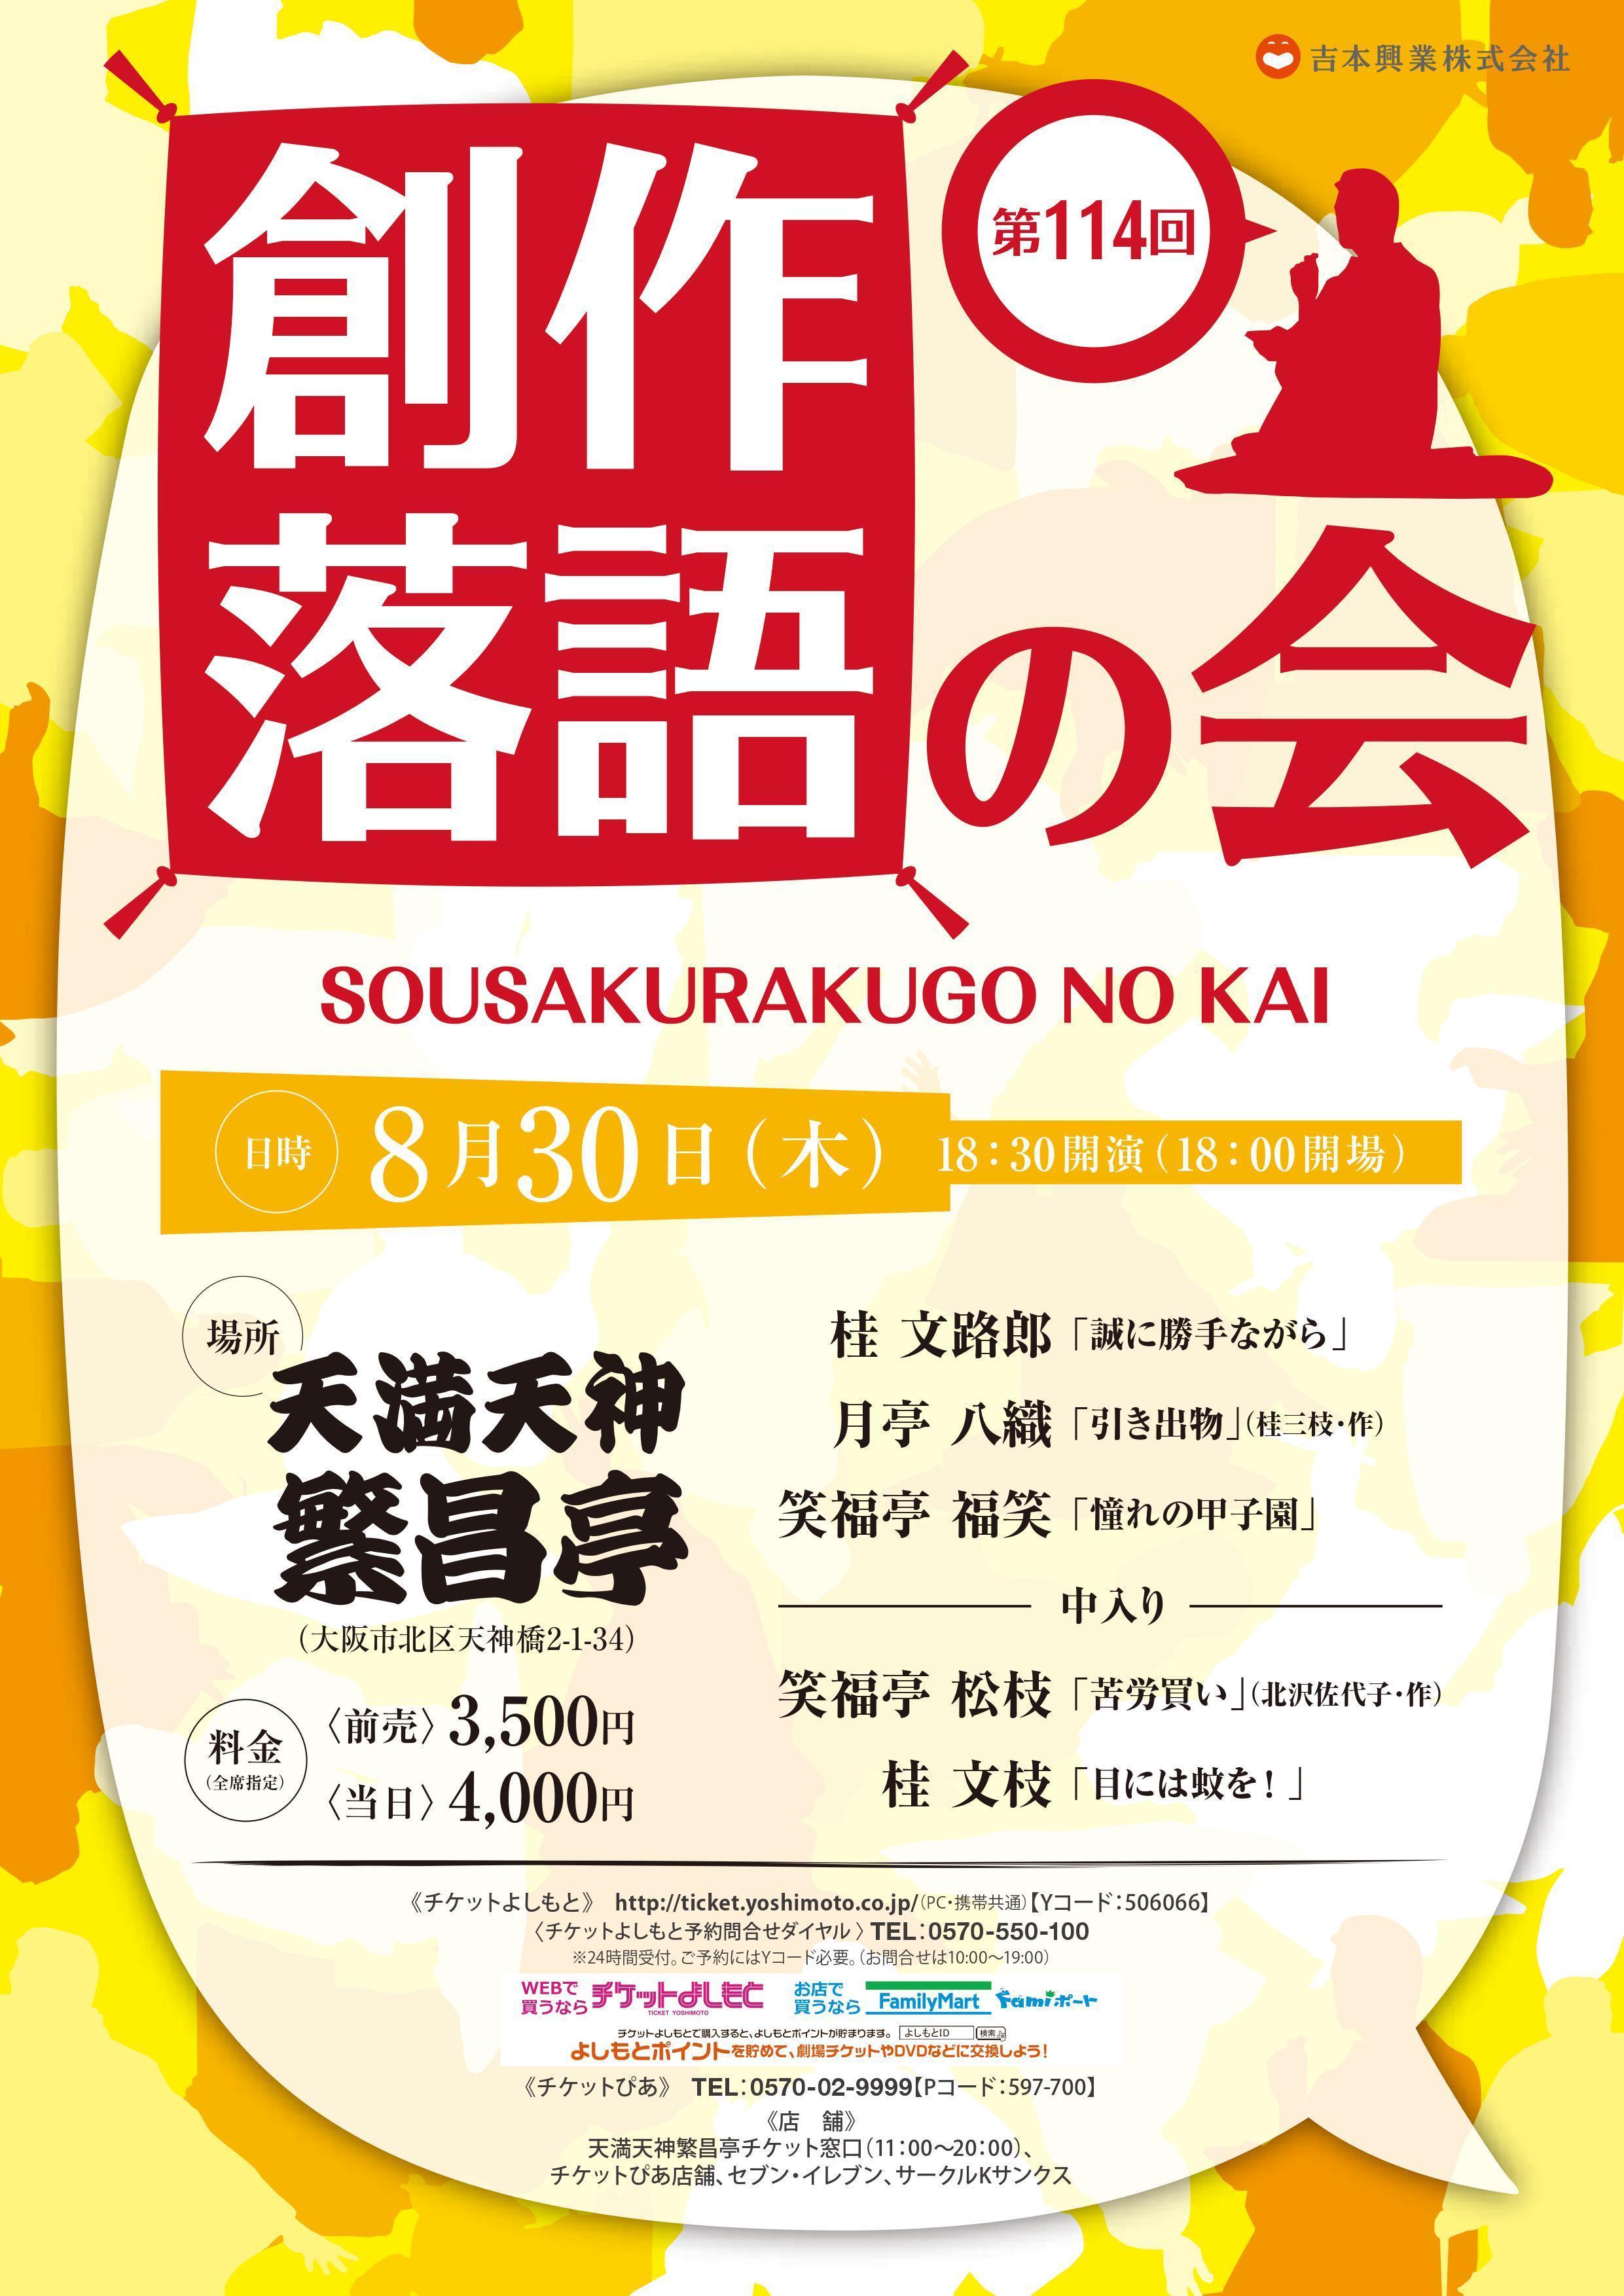 http://news.yoshimoto.co.jp/20180830010944-730d924e44df55cd1a4617888386abae73e3dcf3.jpg